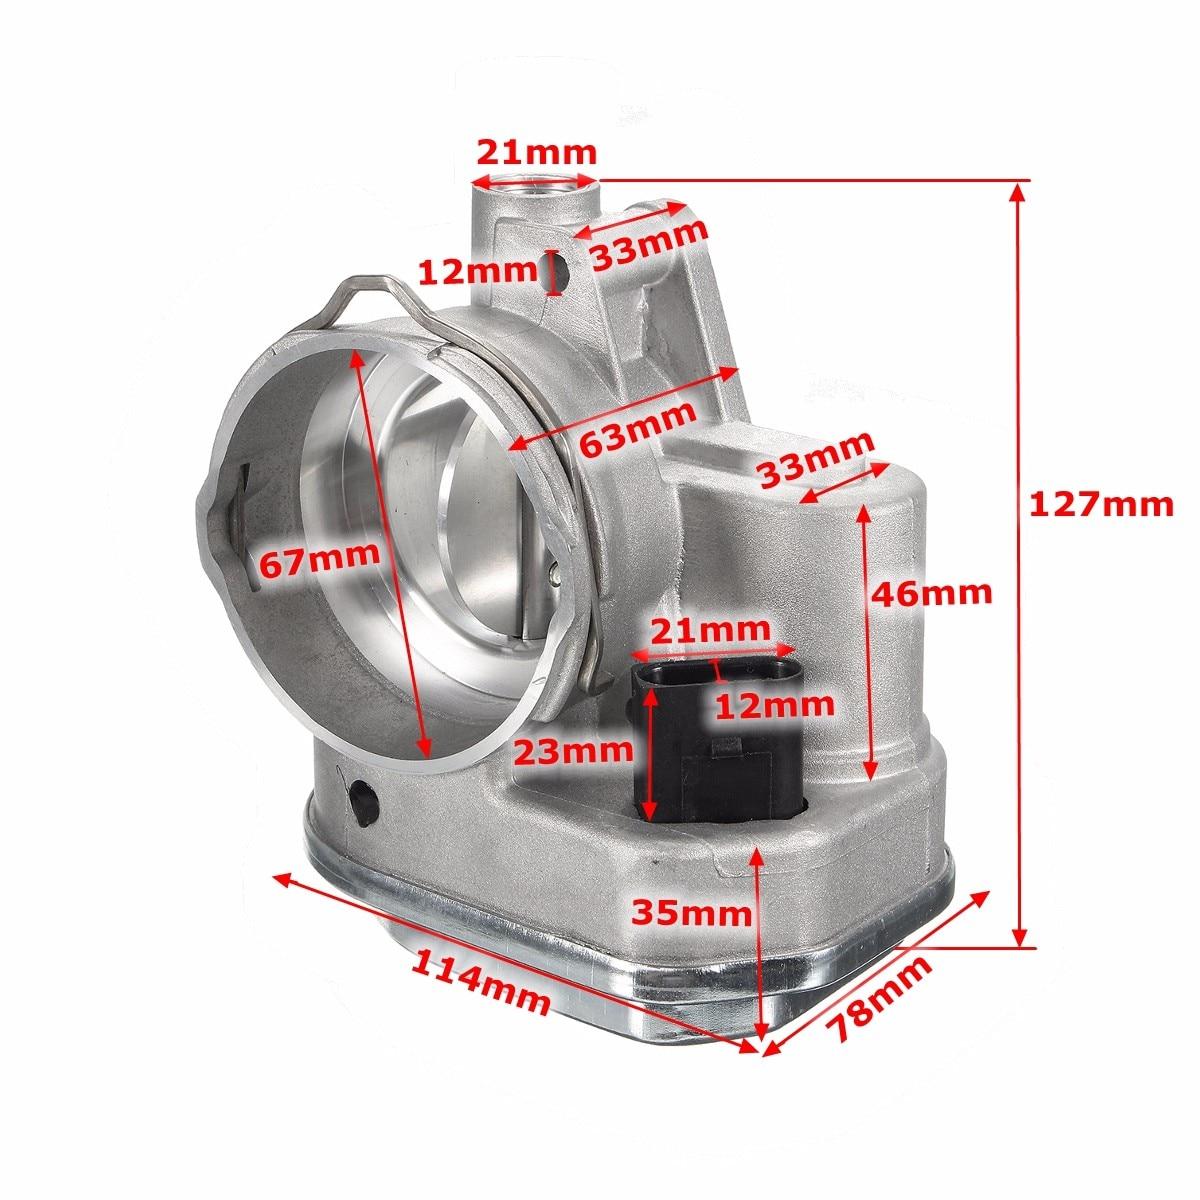 038128063F 038128063G tout nouveau corps d'accélérateur pour Audi pour Skoda pour VW Seat 1.9 2.0 TDi rabat collecteur 038128063G/L/F/M/P/Q - 6